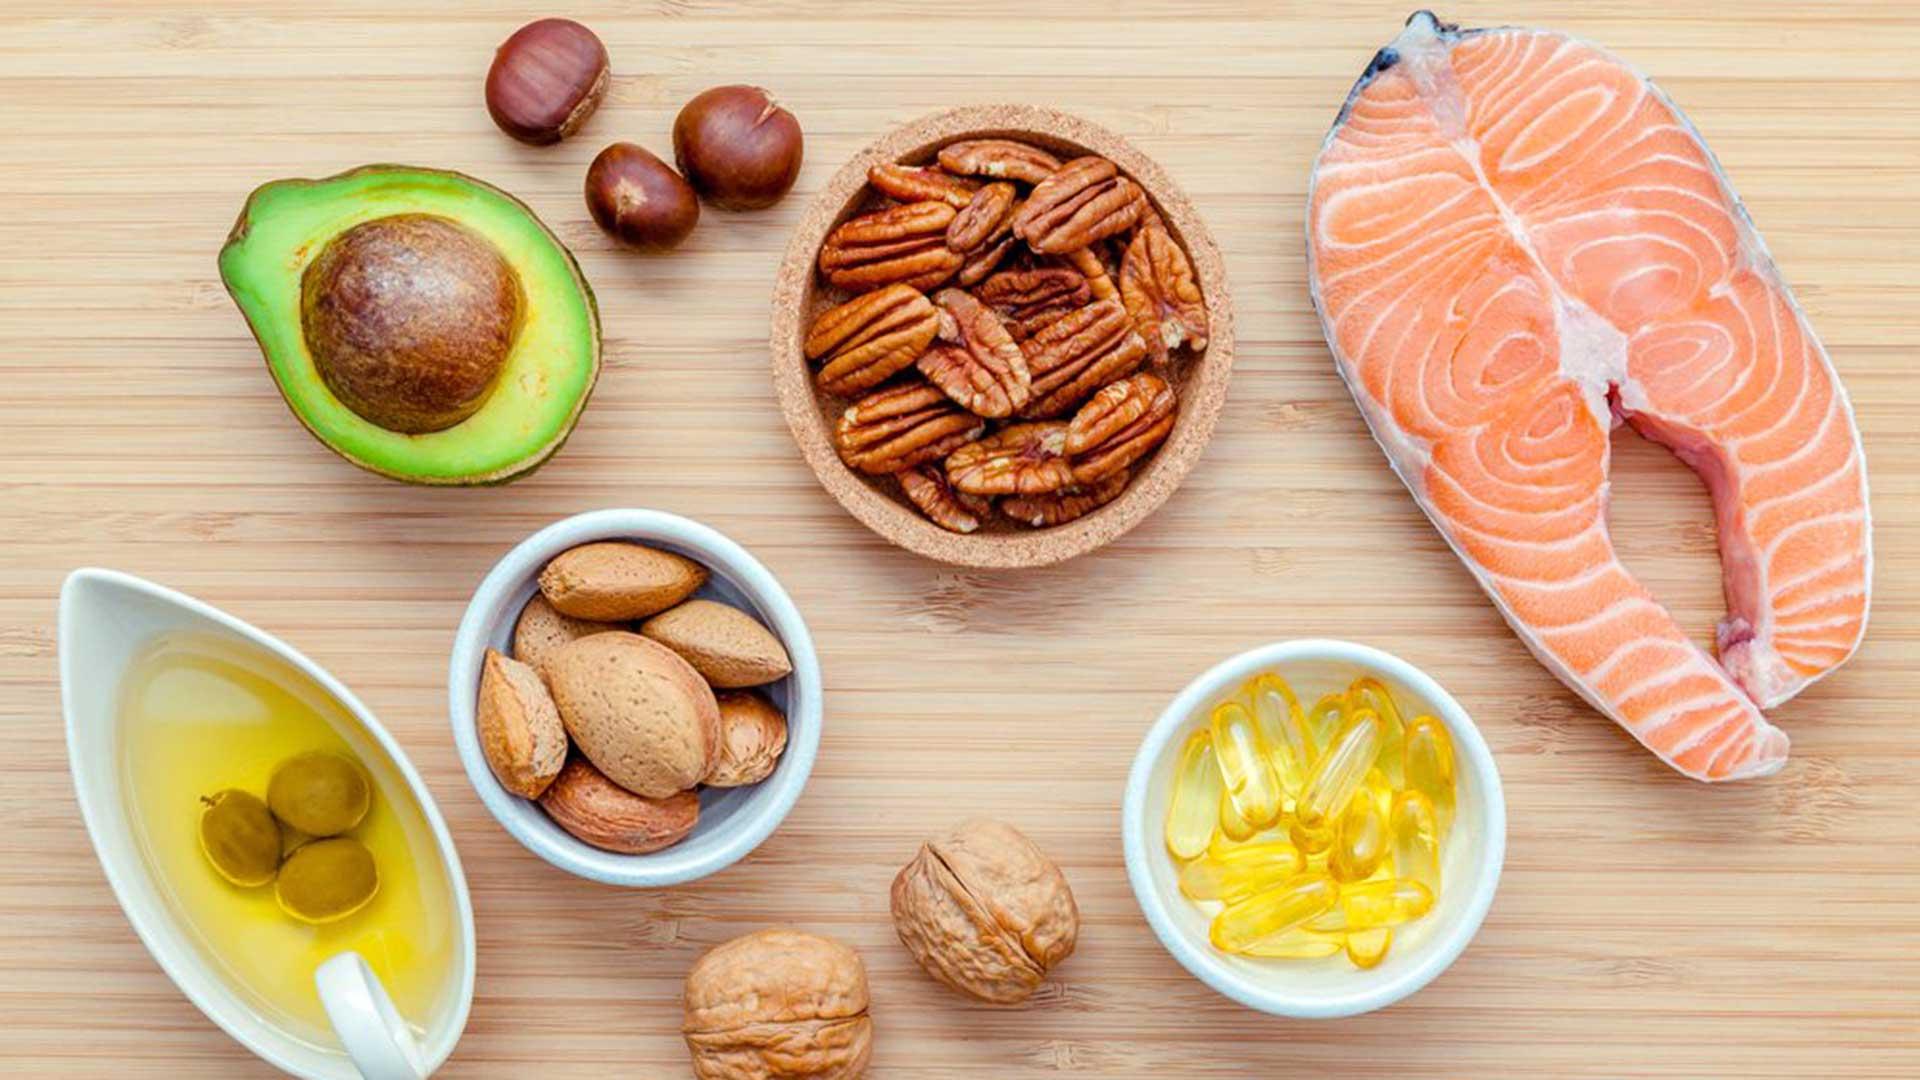 Gordura boa, gordura ruim: nem tudo é o que parece!